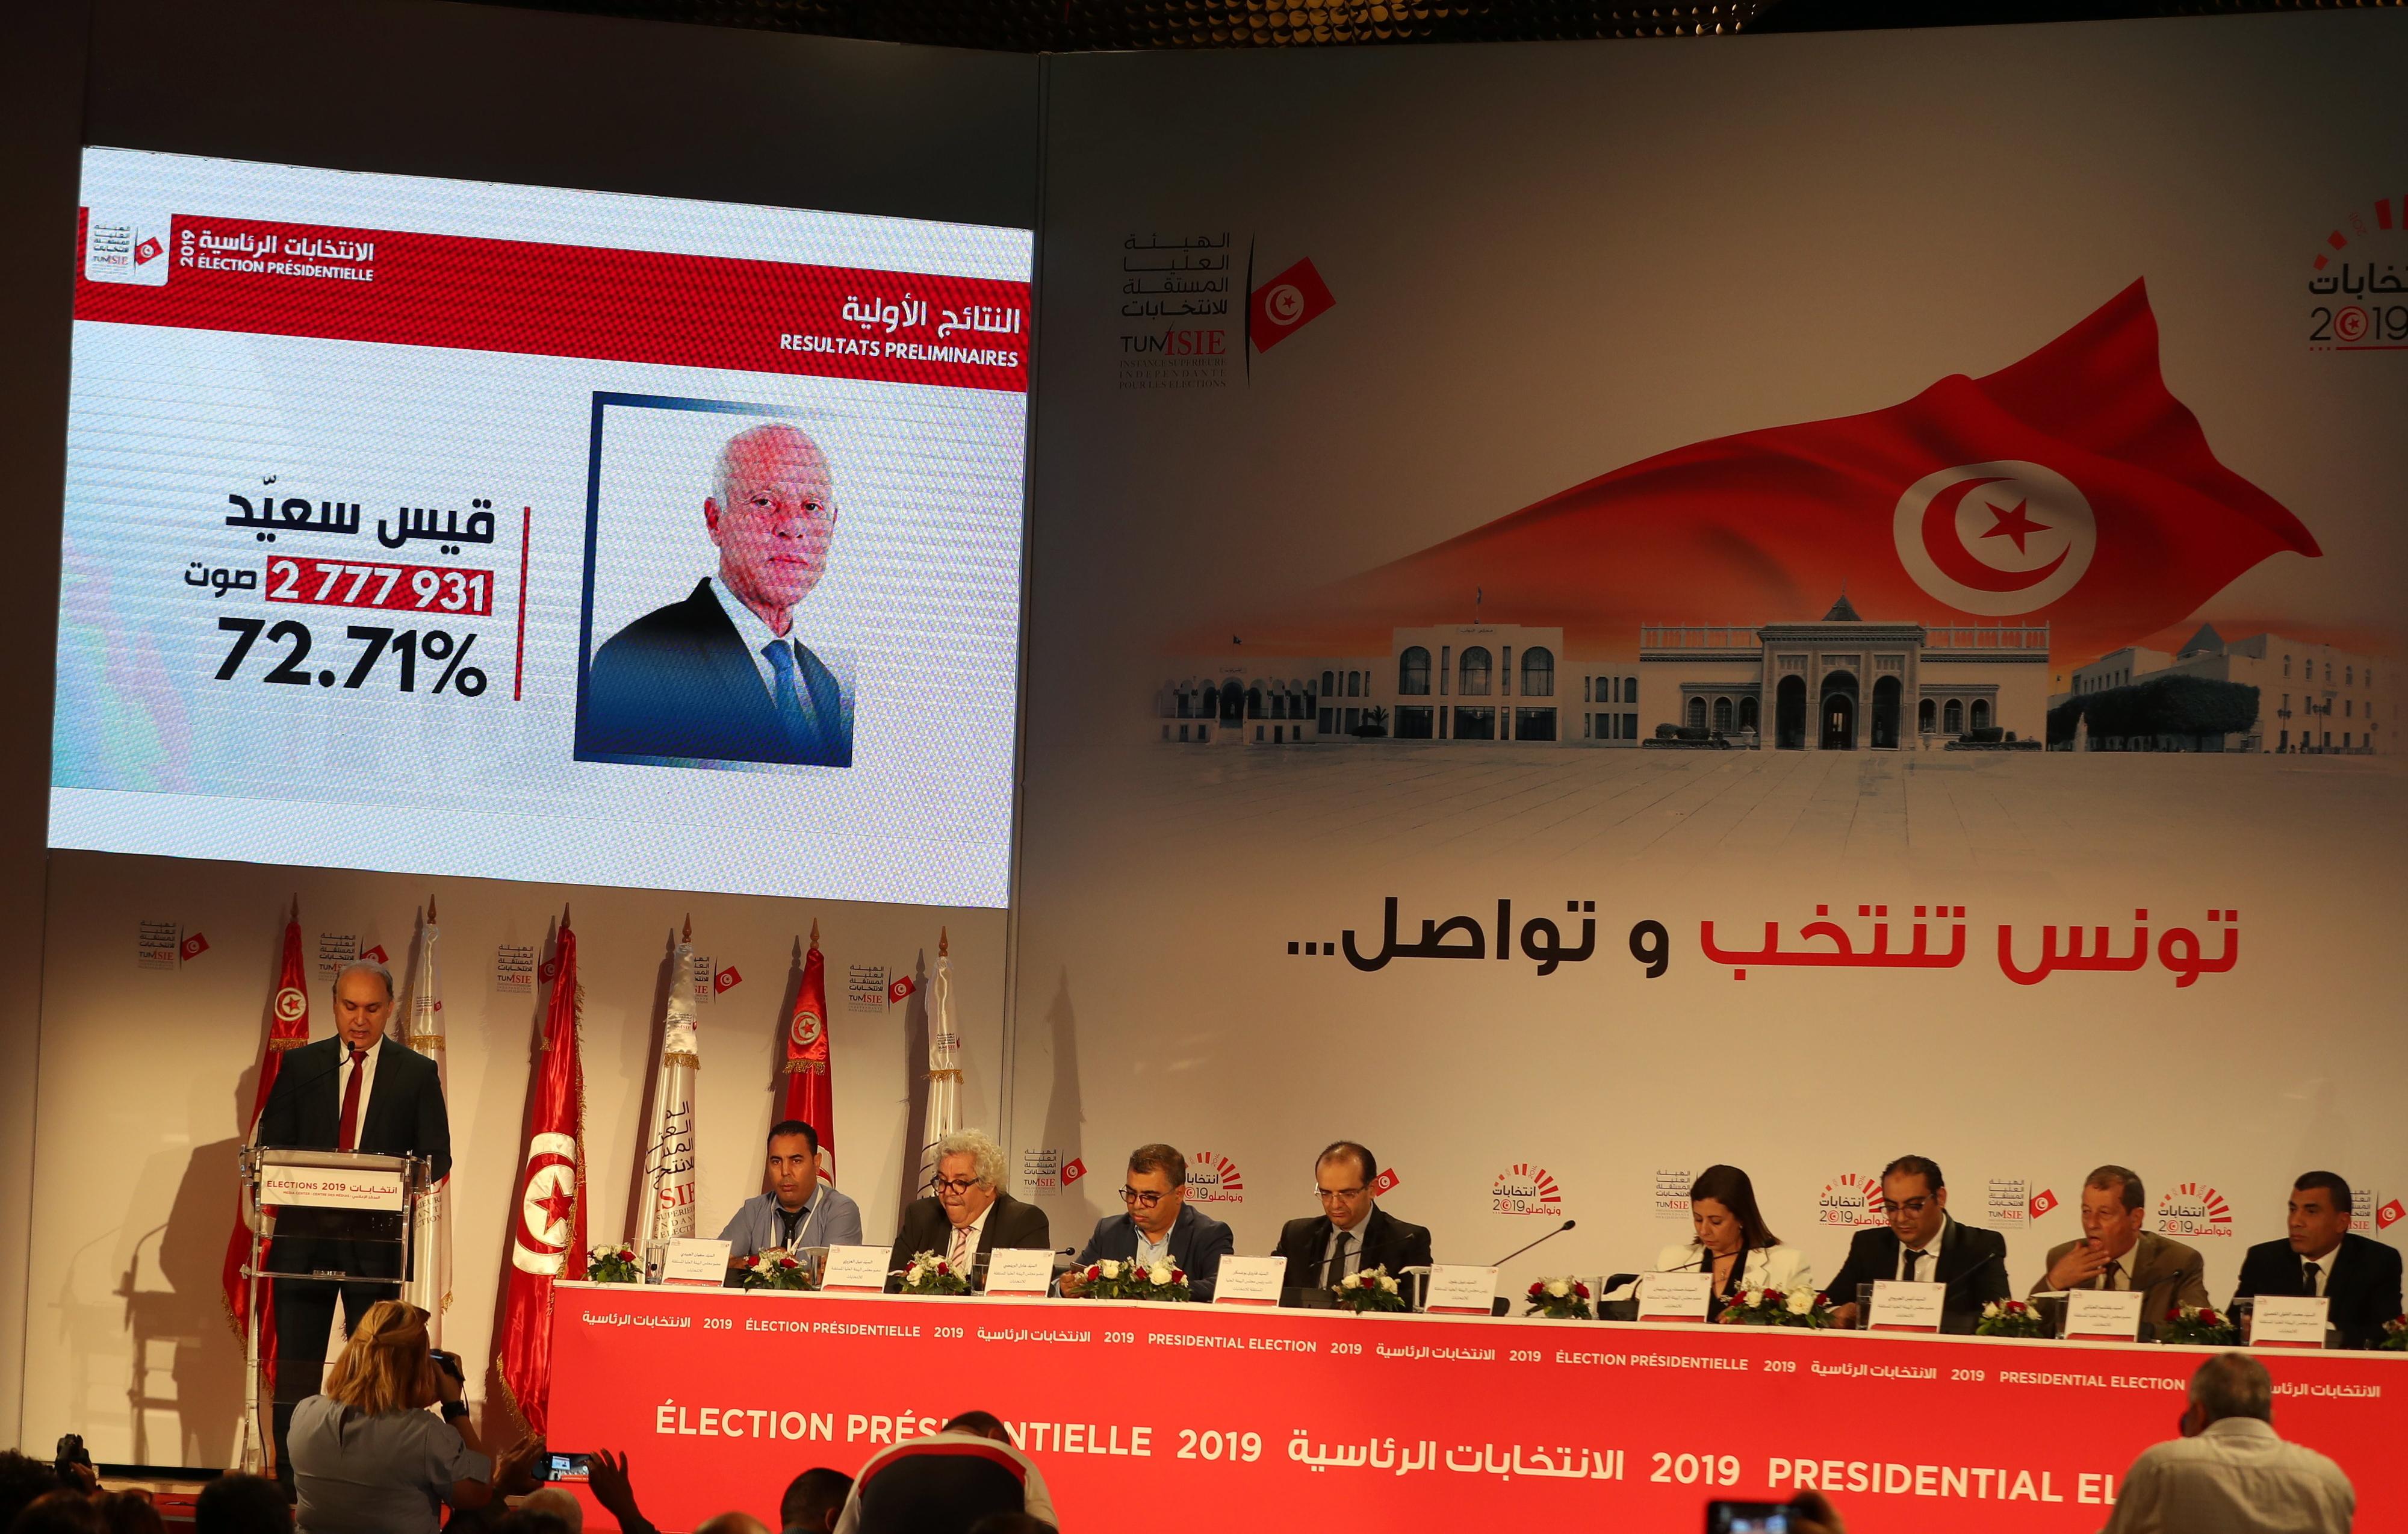 Kais Saied eleito Presidente da Tunísia com 72,71% dos votos -- oficial